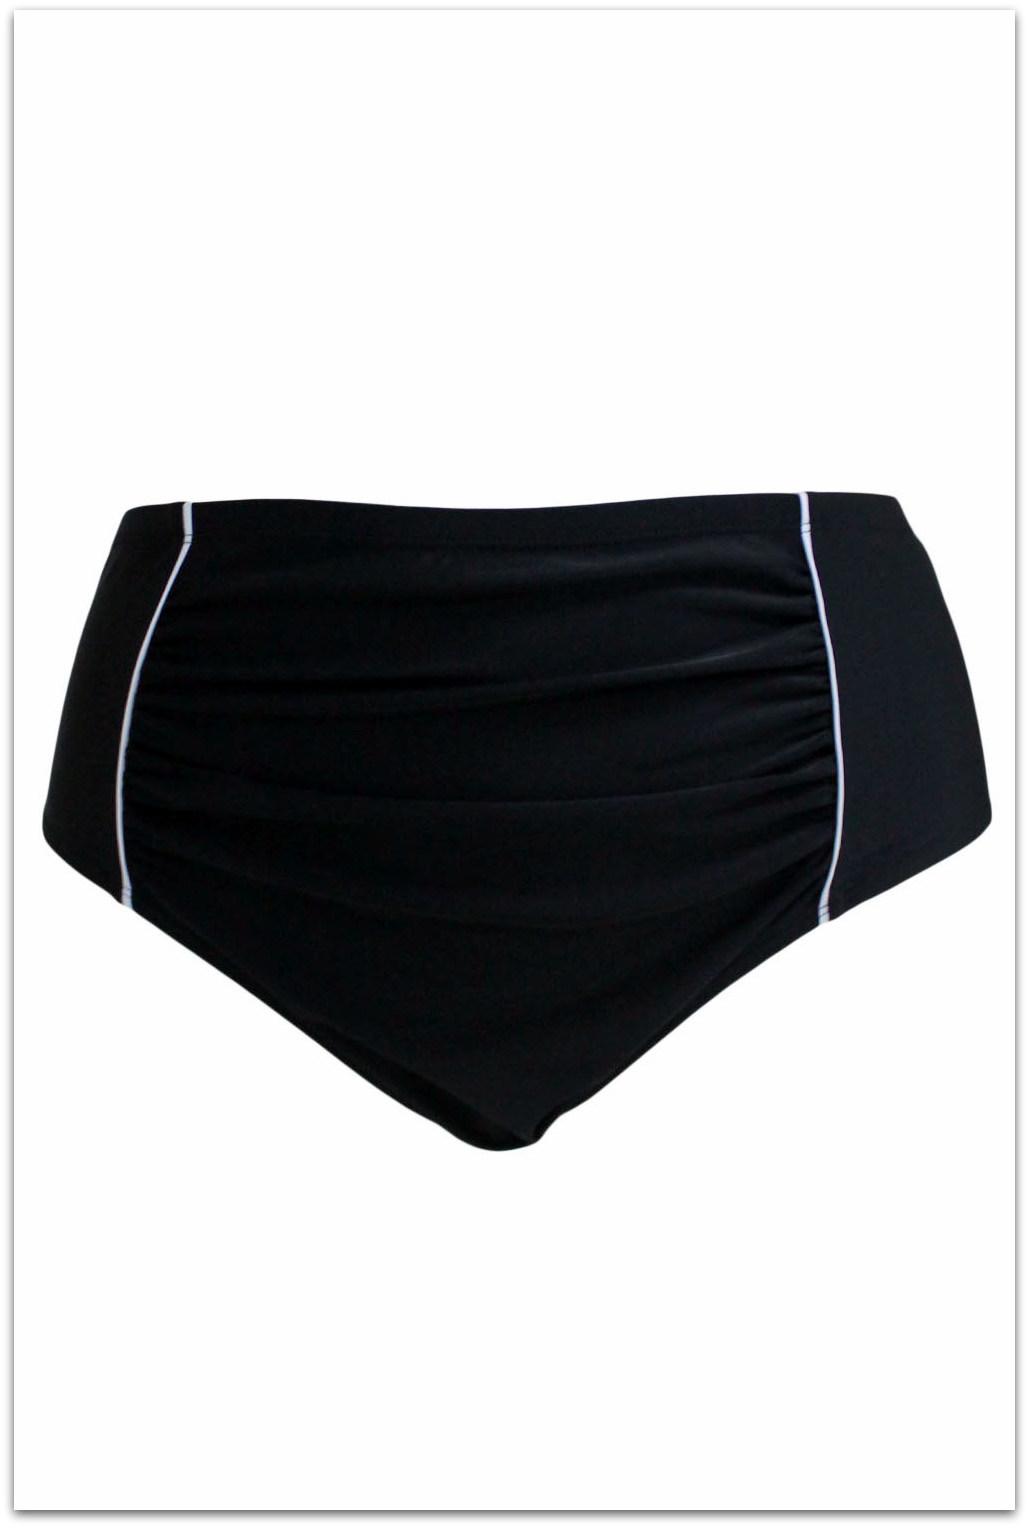 46c7948736f Spodní díl dámské PLAVKY BIKINY kalhotky vyšší 1410030-2 černá XL   XXL